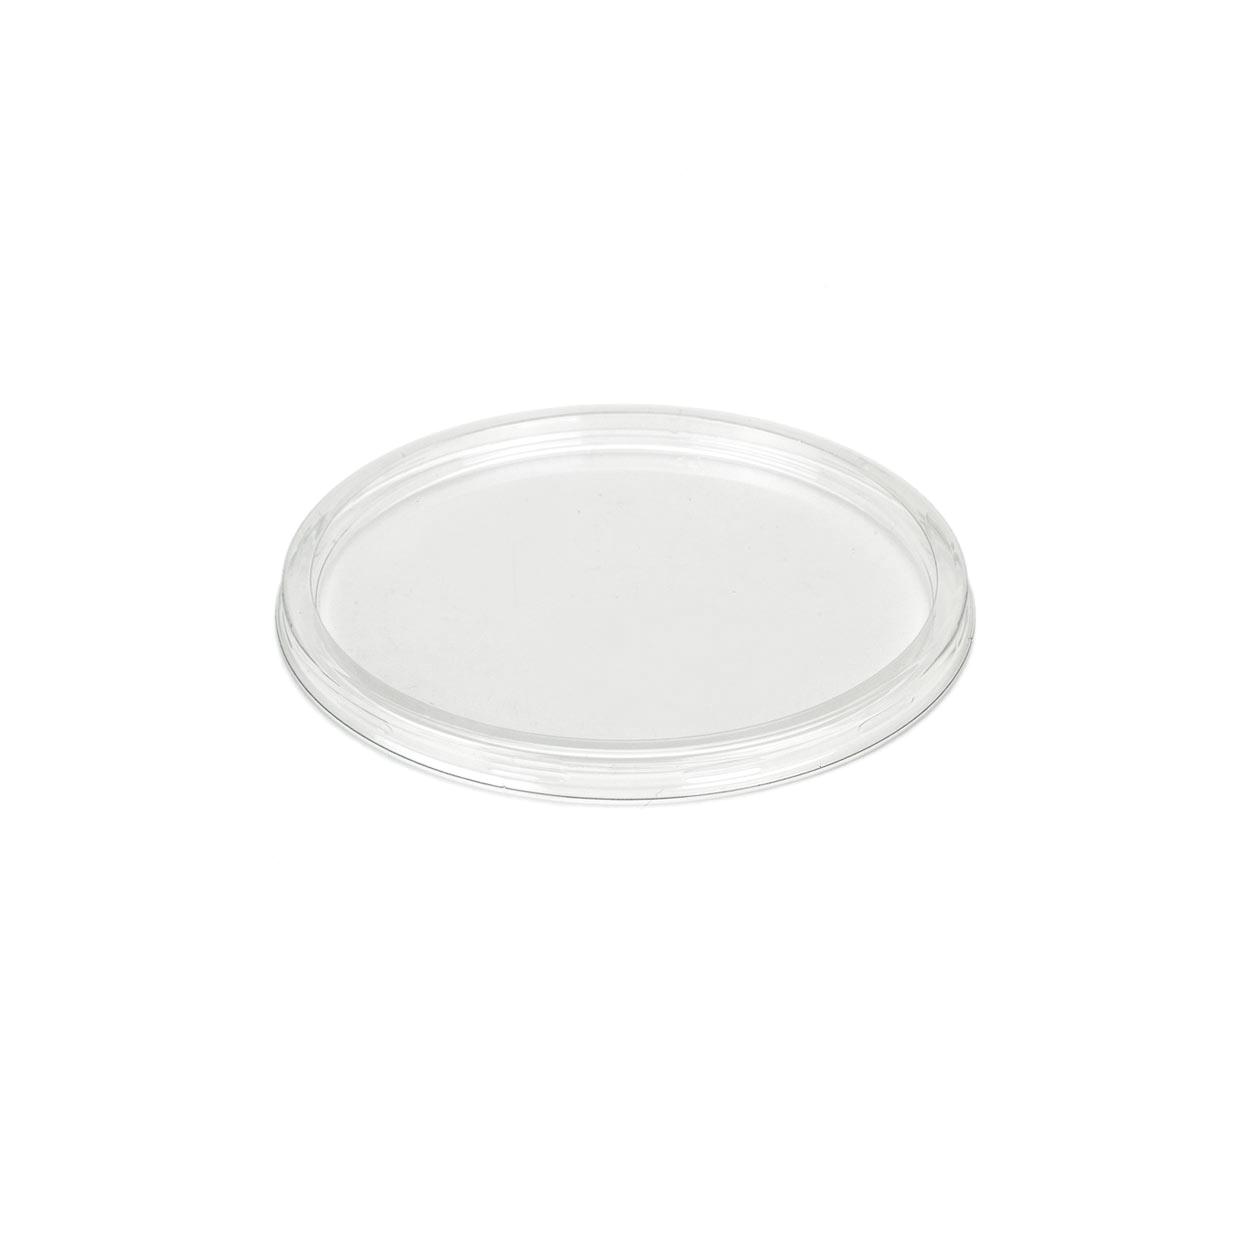 ΚΑΠΑΚΙ RPET* ΓΙΑ ΠΟΤΗΡΙ – ΜΠΟΛ 600/800ml